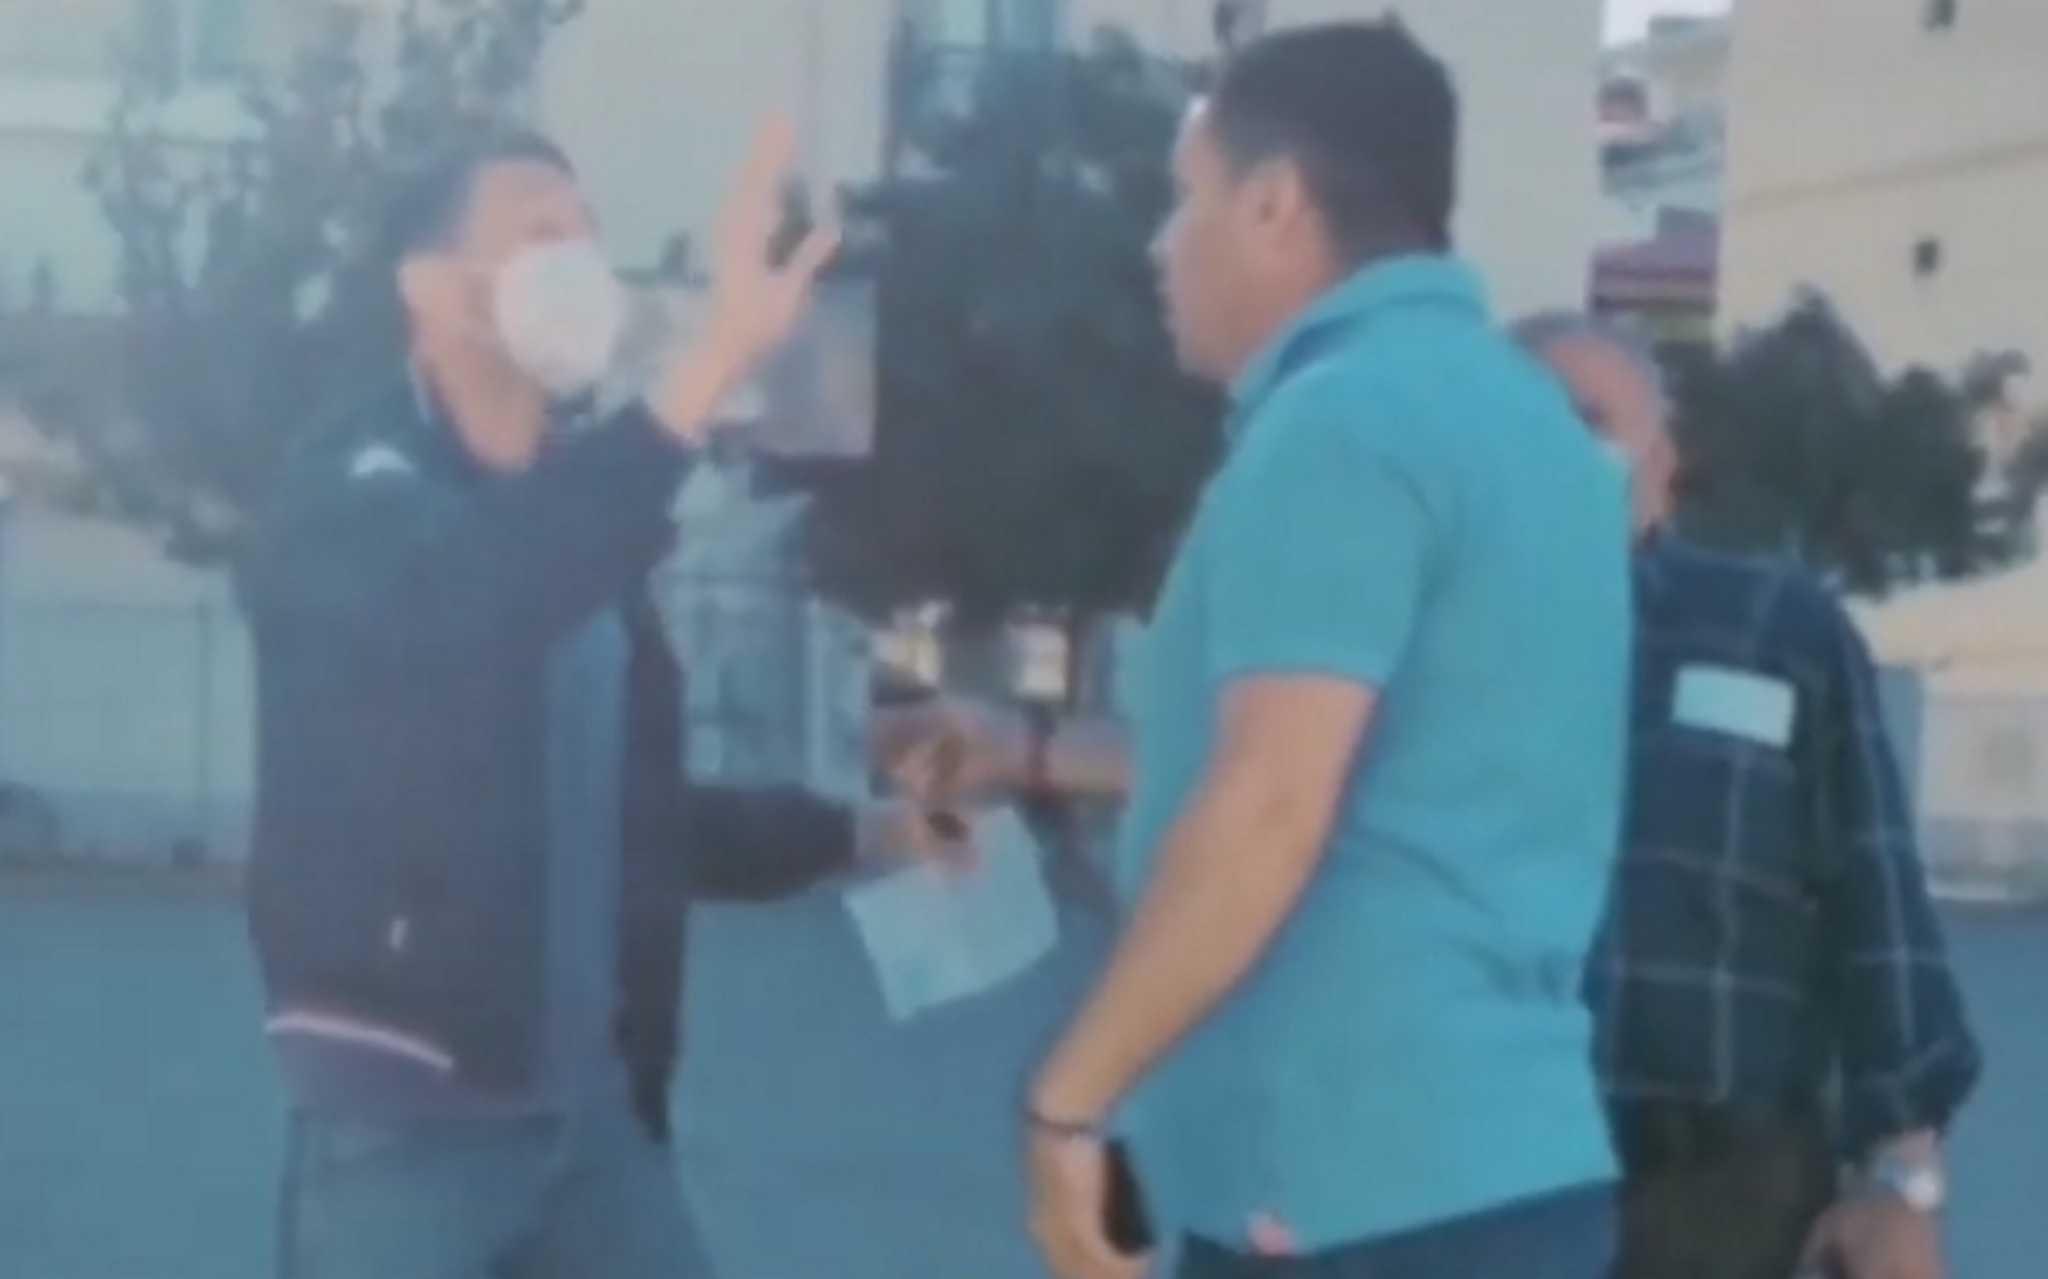 Θεσσαλονίκη: Η στιγμή που πατέρας μαθητή «πλακώνεται» με καταληψίες μέσα στο σχολείο του Ευόσμου (video)